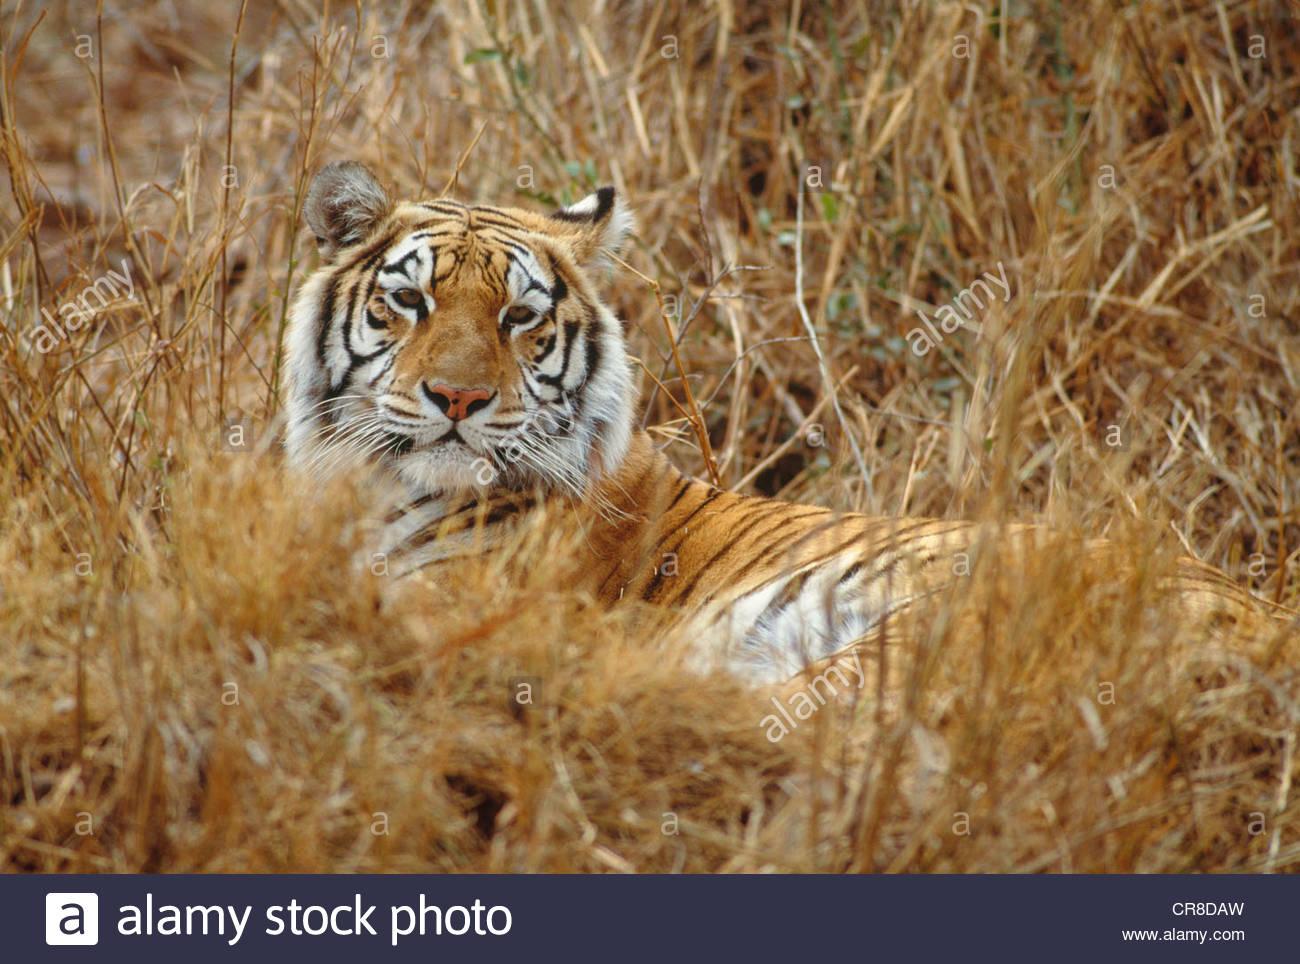 Bengal Tiger ruhen auf hohen Trockenrasen, Indien Stockbild